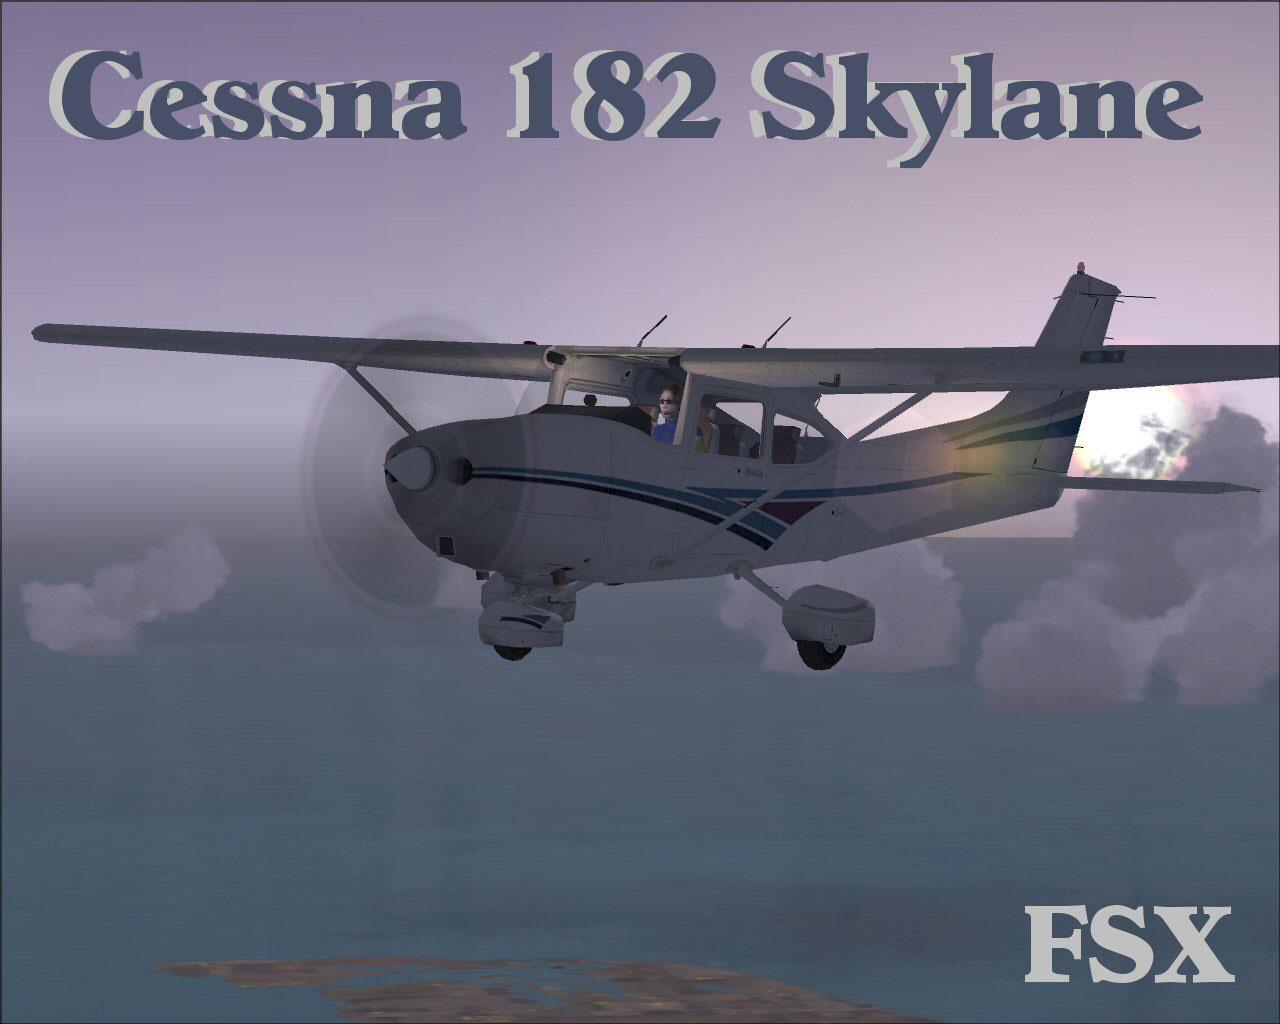 Cessna 182 Skylane For Fsx